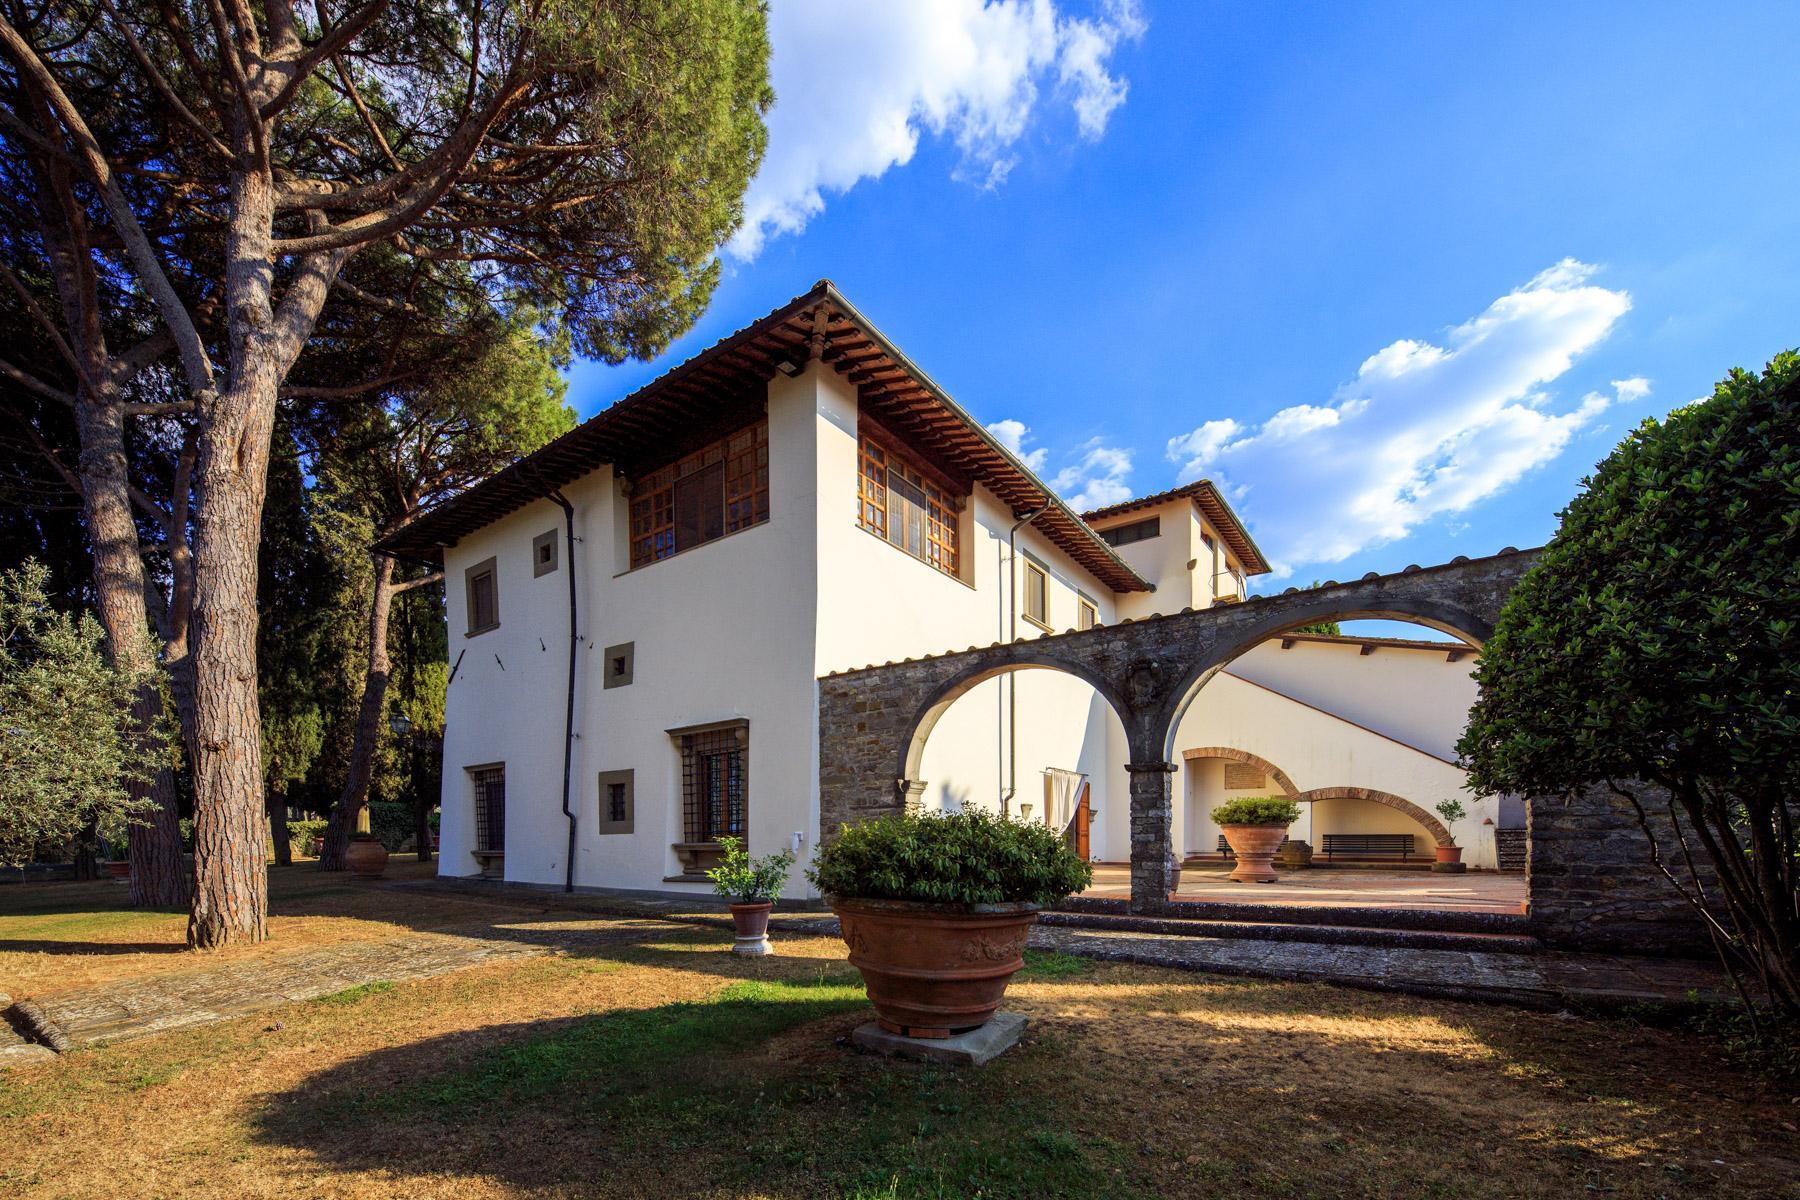 Maestosa Villa Rinascimentale sulle Colline Fiorentine con Cantina e Vigneto - 3